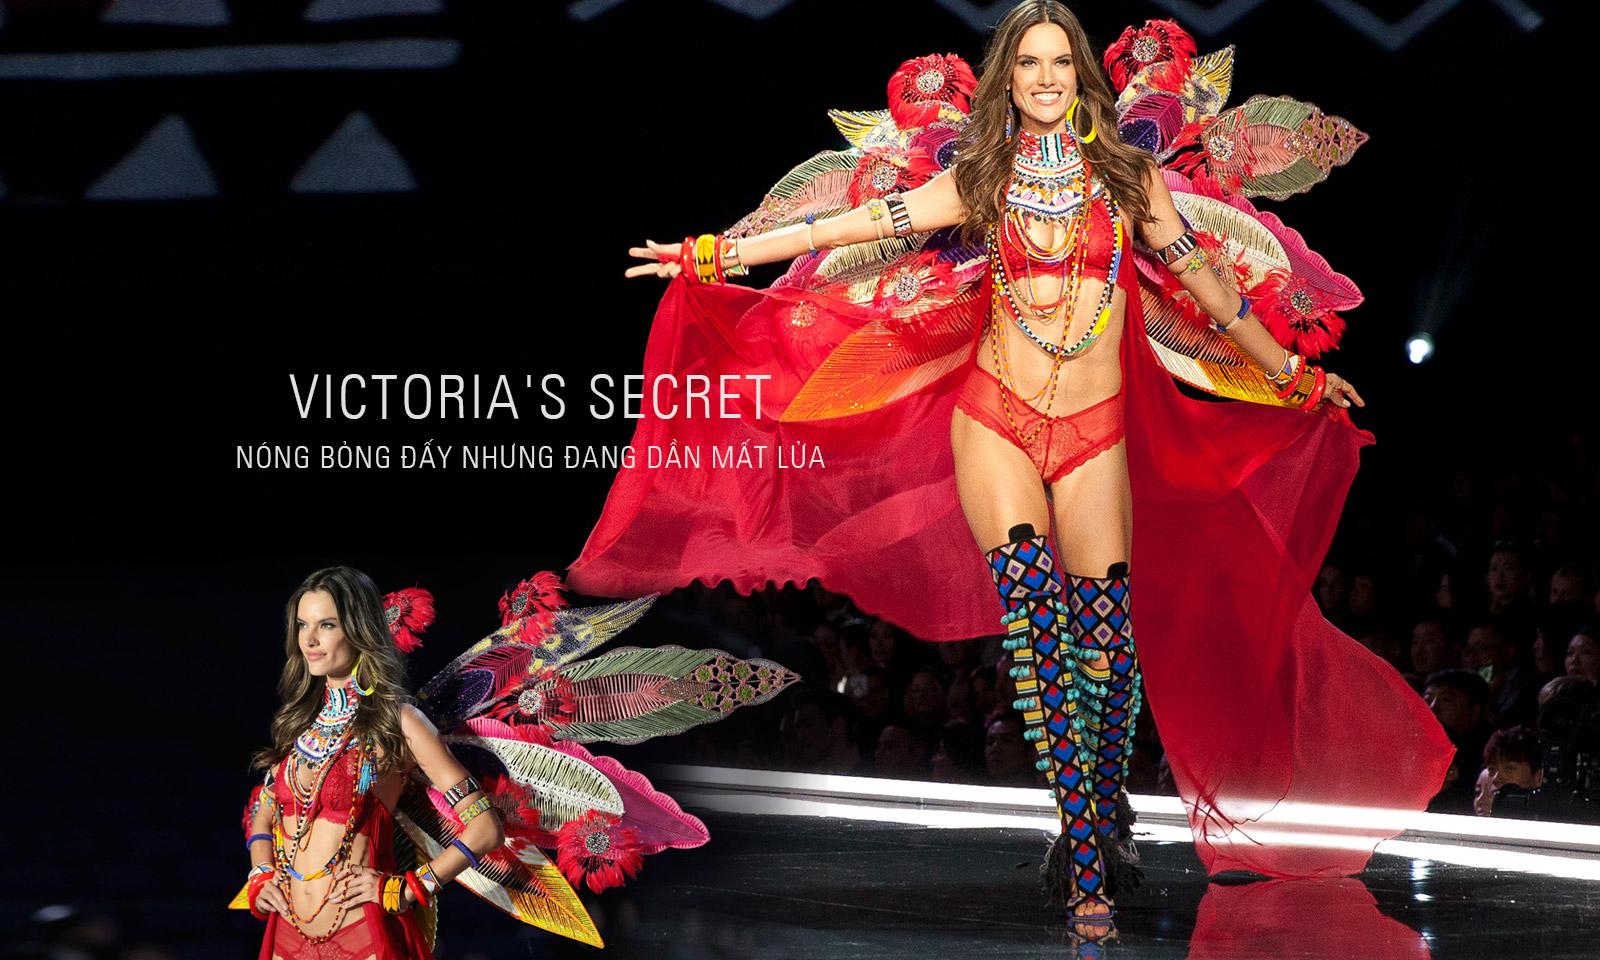 Victoria's Secret: Nóng bỏng đấy nhưng đang dần mất lửa